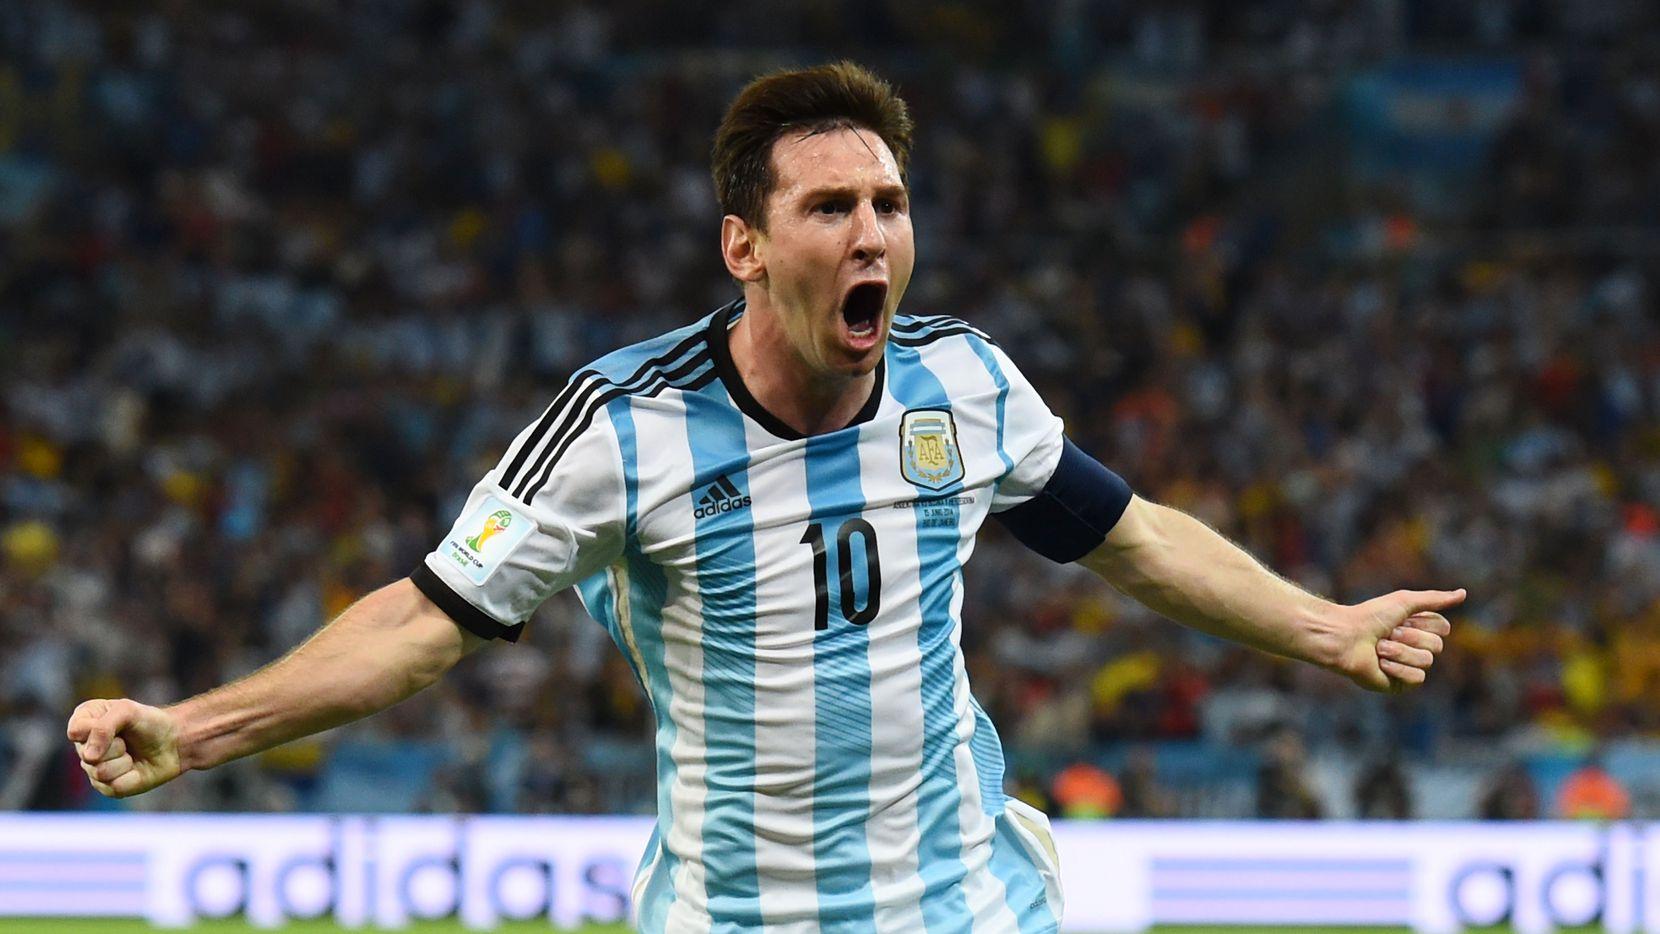 Lionel Messi estará con la selección de Argentina en las eliminatorias sudamericanas rumbo al Mundial de Qatar 2022.